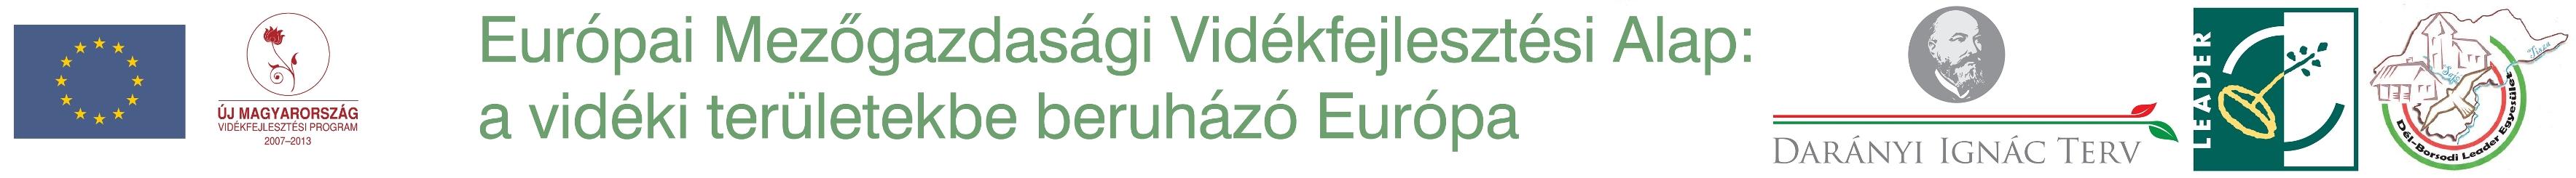 logo_lablec